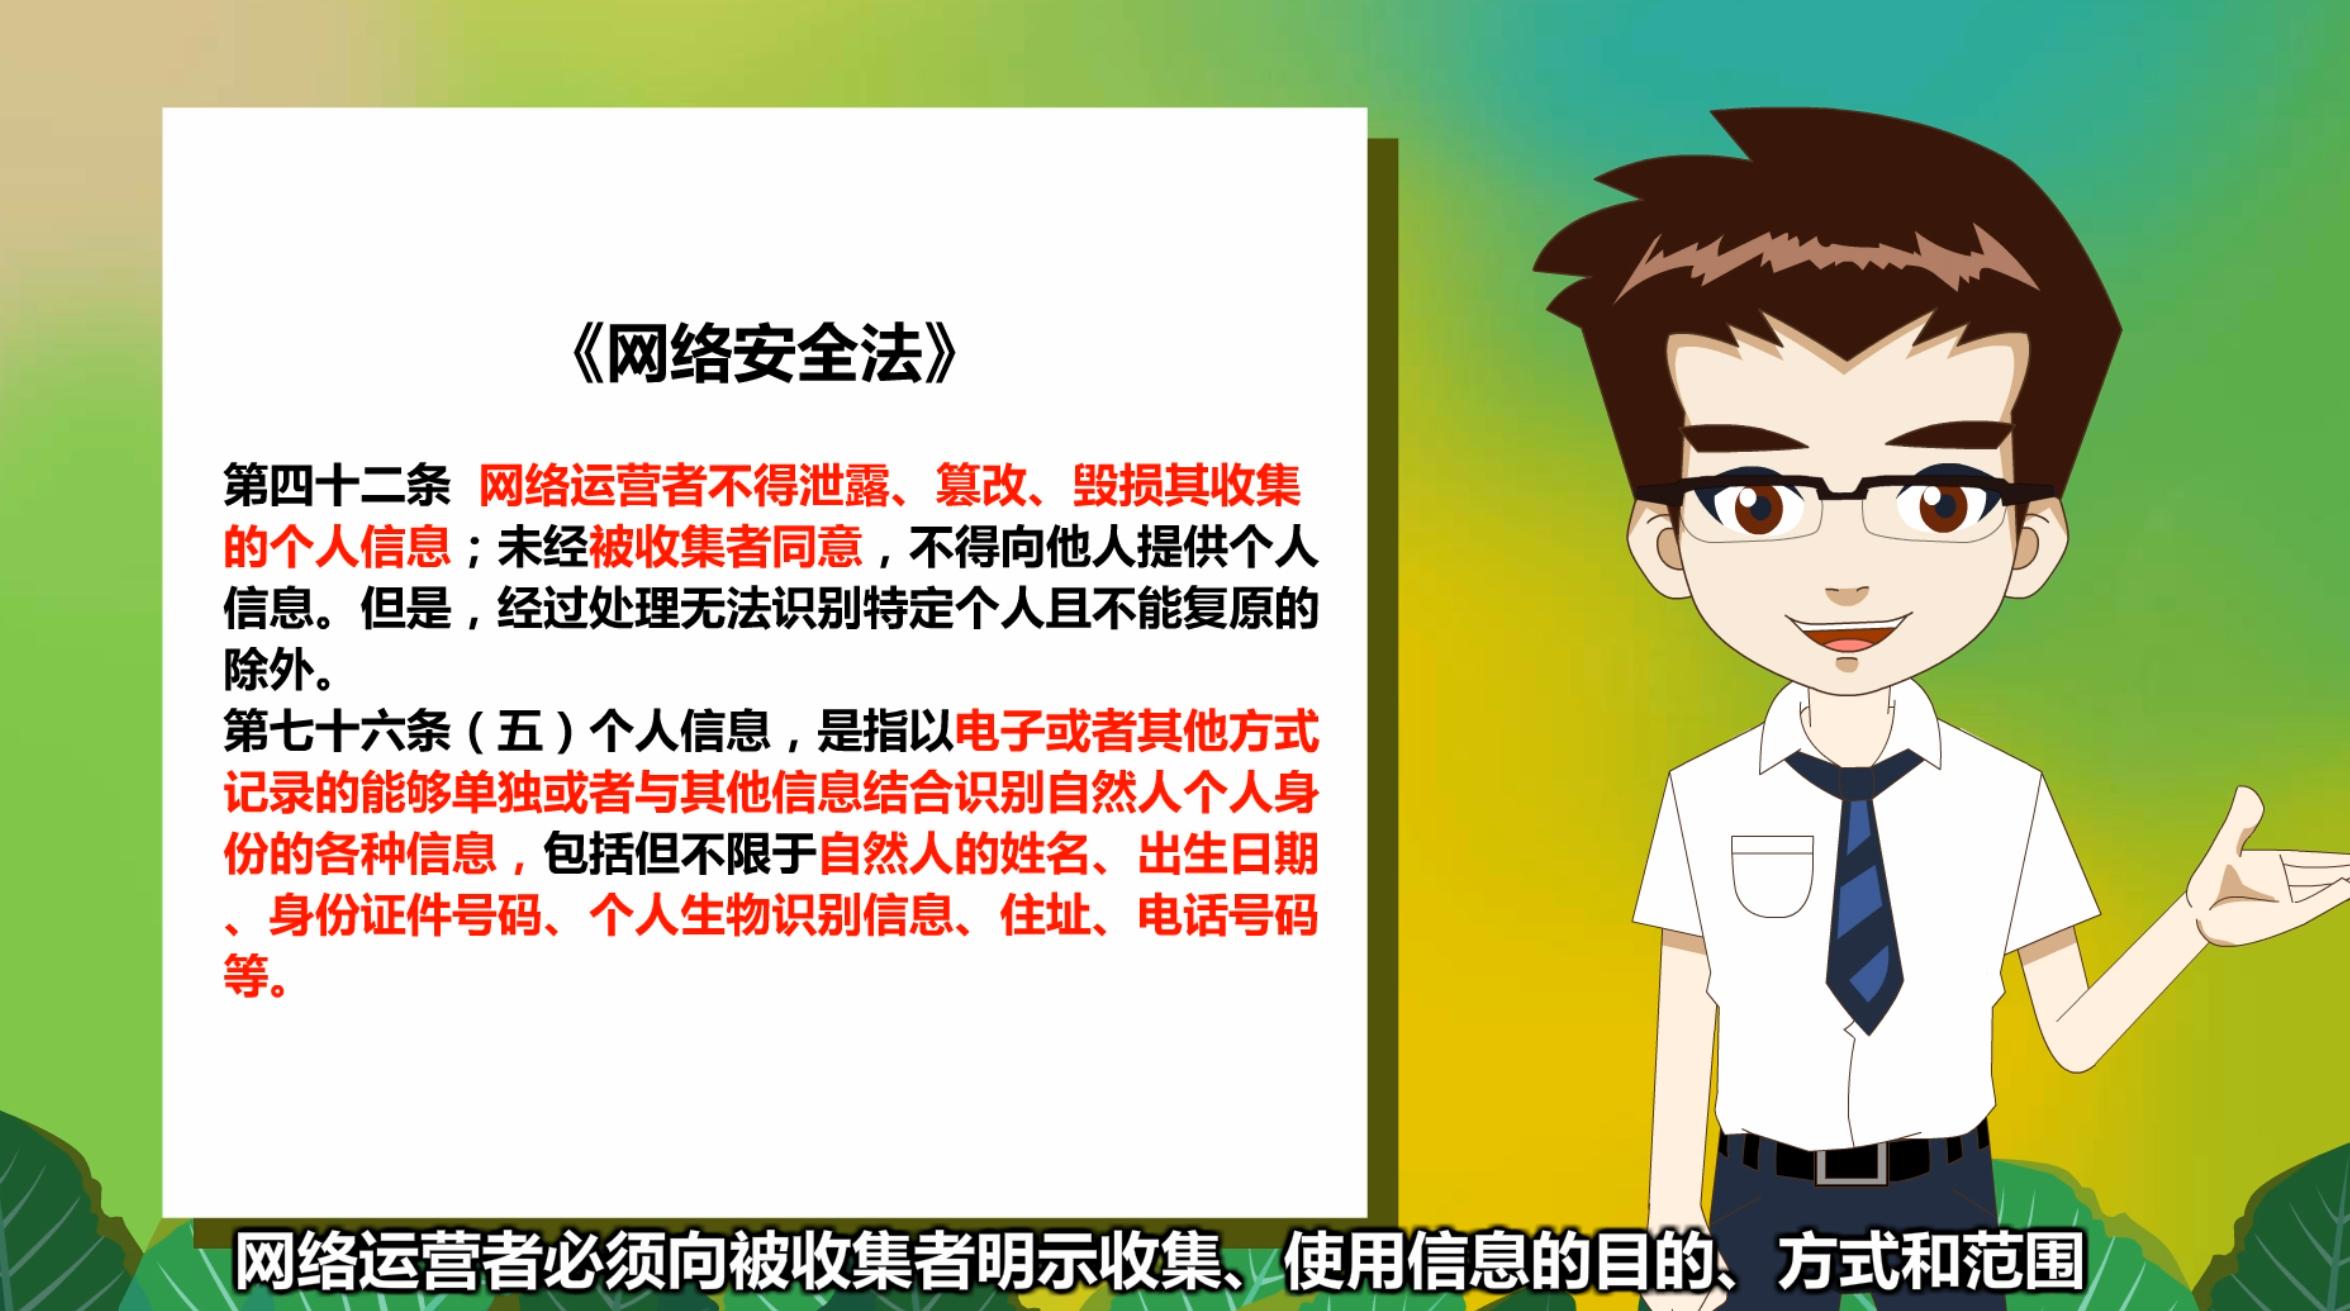 江北區網絡安全宣傳MG動畫